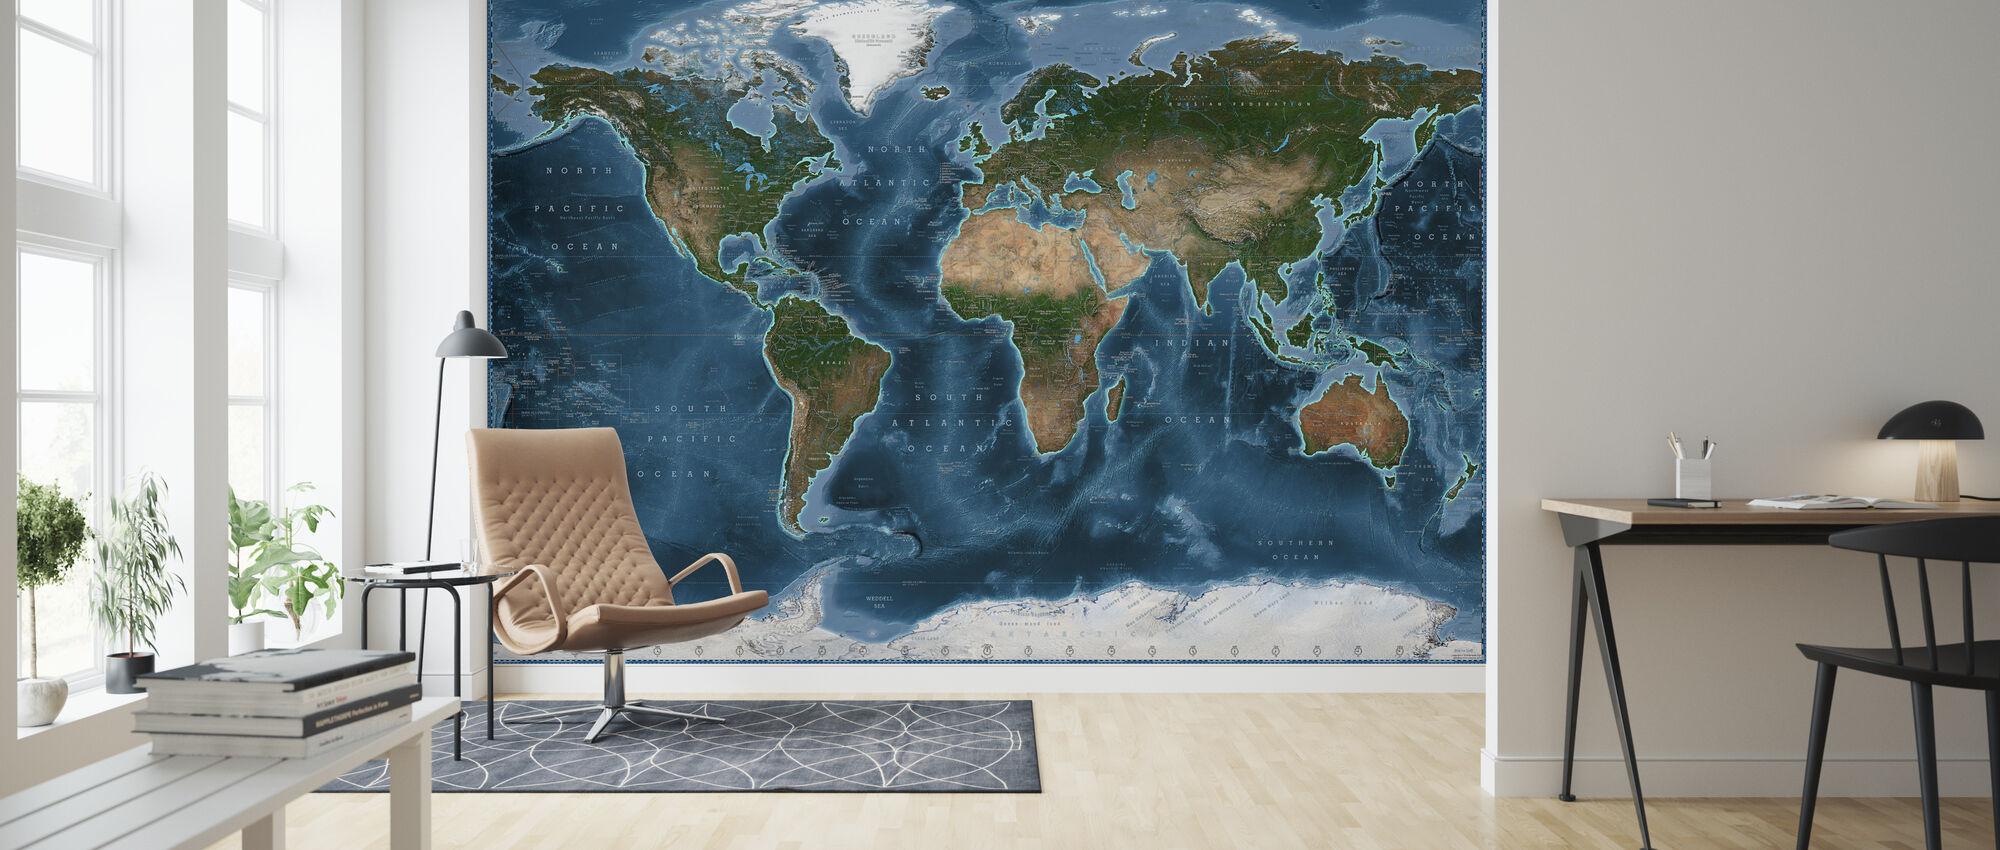 Satelite Karte - Tapete - Wohnzimmer